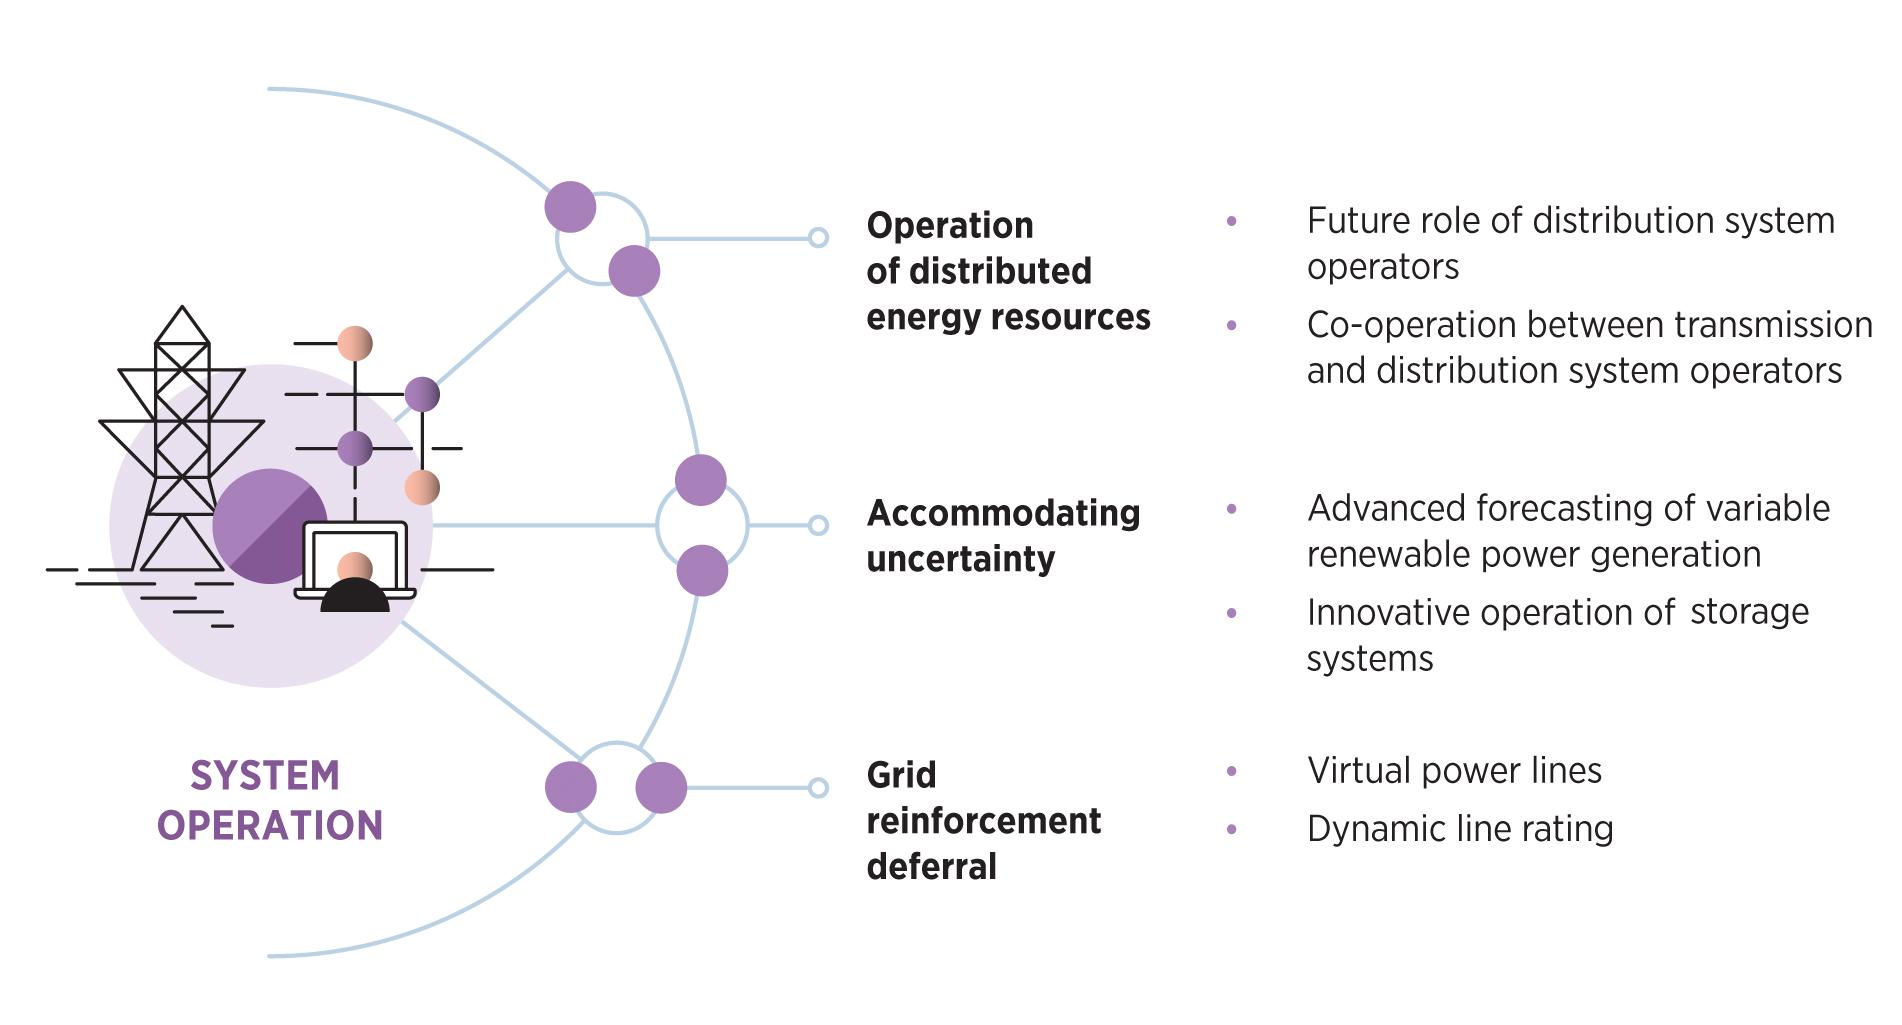 Рис.4. Системные инновации в эксплуатации (оперировании) энергосистемой. Источник: IRENA - «Innovation landscape for a renewable-powered future», февраль 2019.